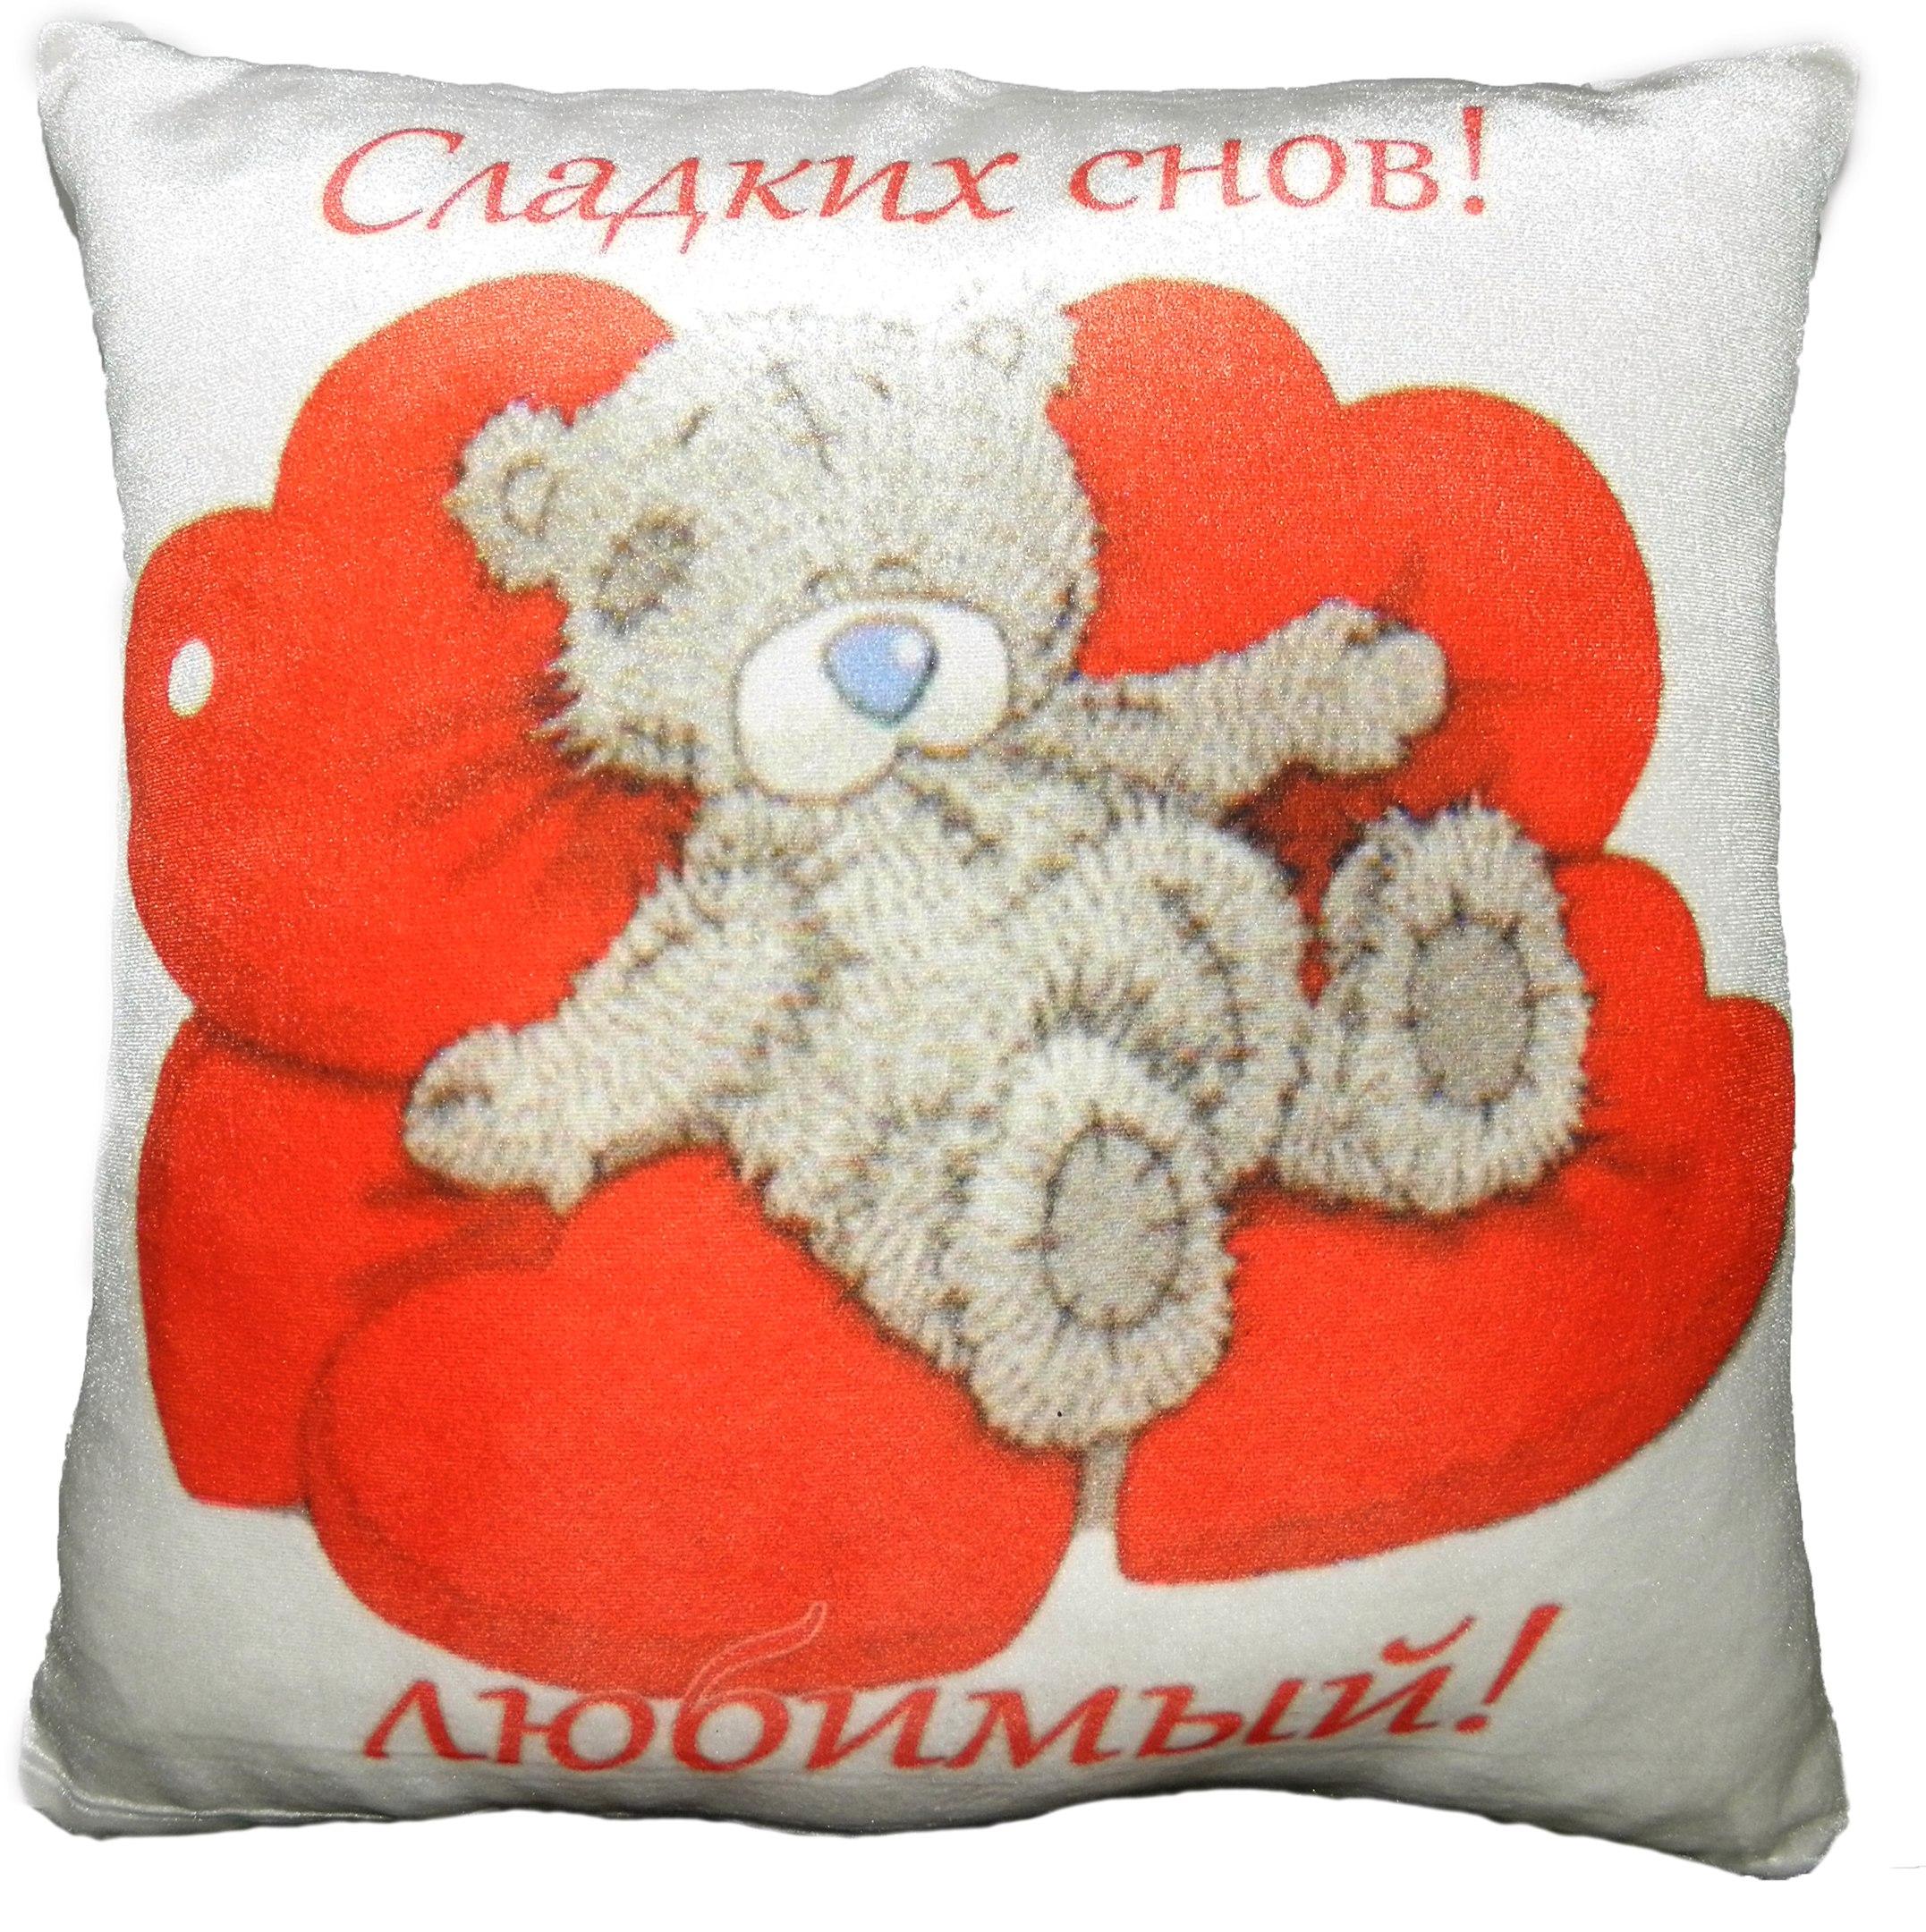 Заказать подушку с фотографией в Днепре недорого и быстро на сайте fishka-dnepr.com